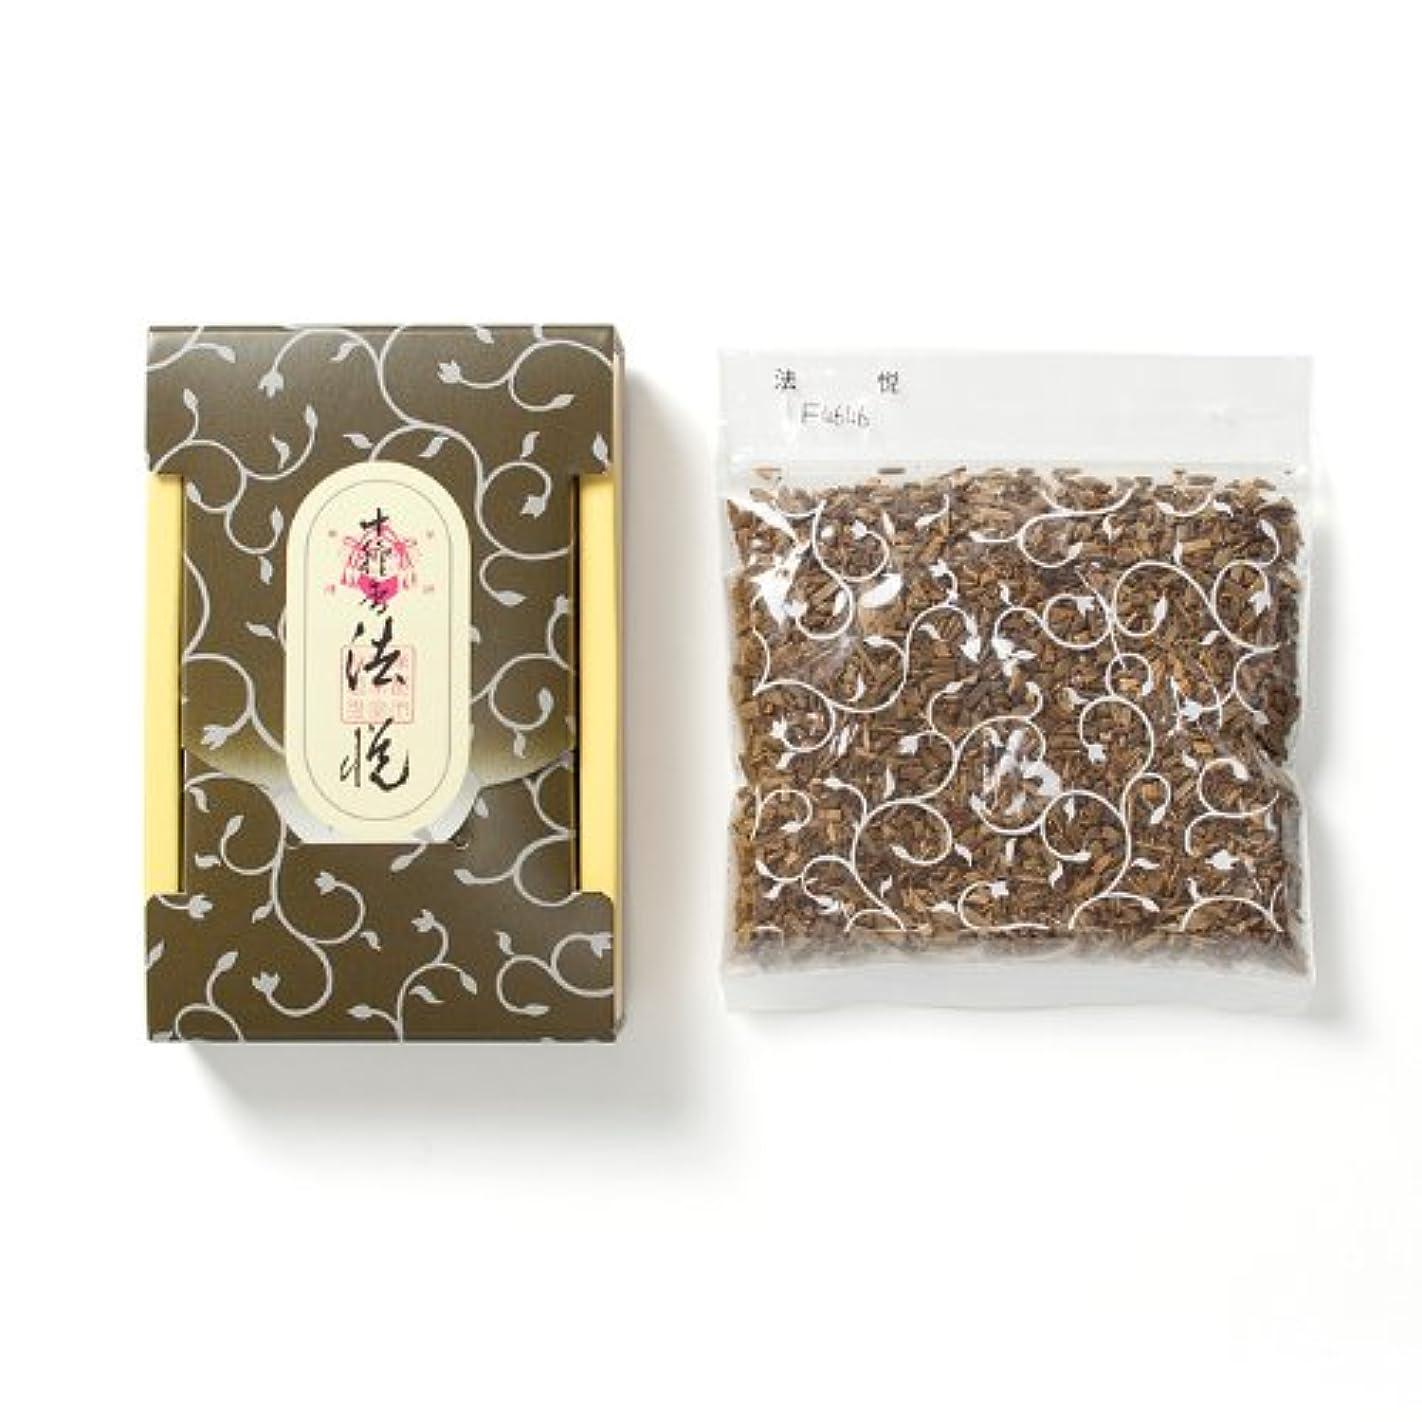 邪魔する顕著作家松栄堂のお焼香 十種香 法悦 25g詰 小箱入 #411041